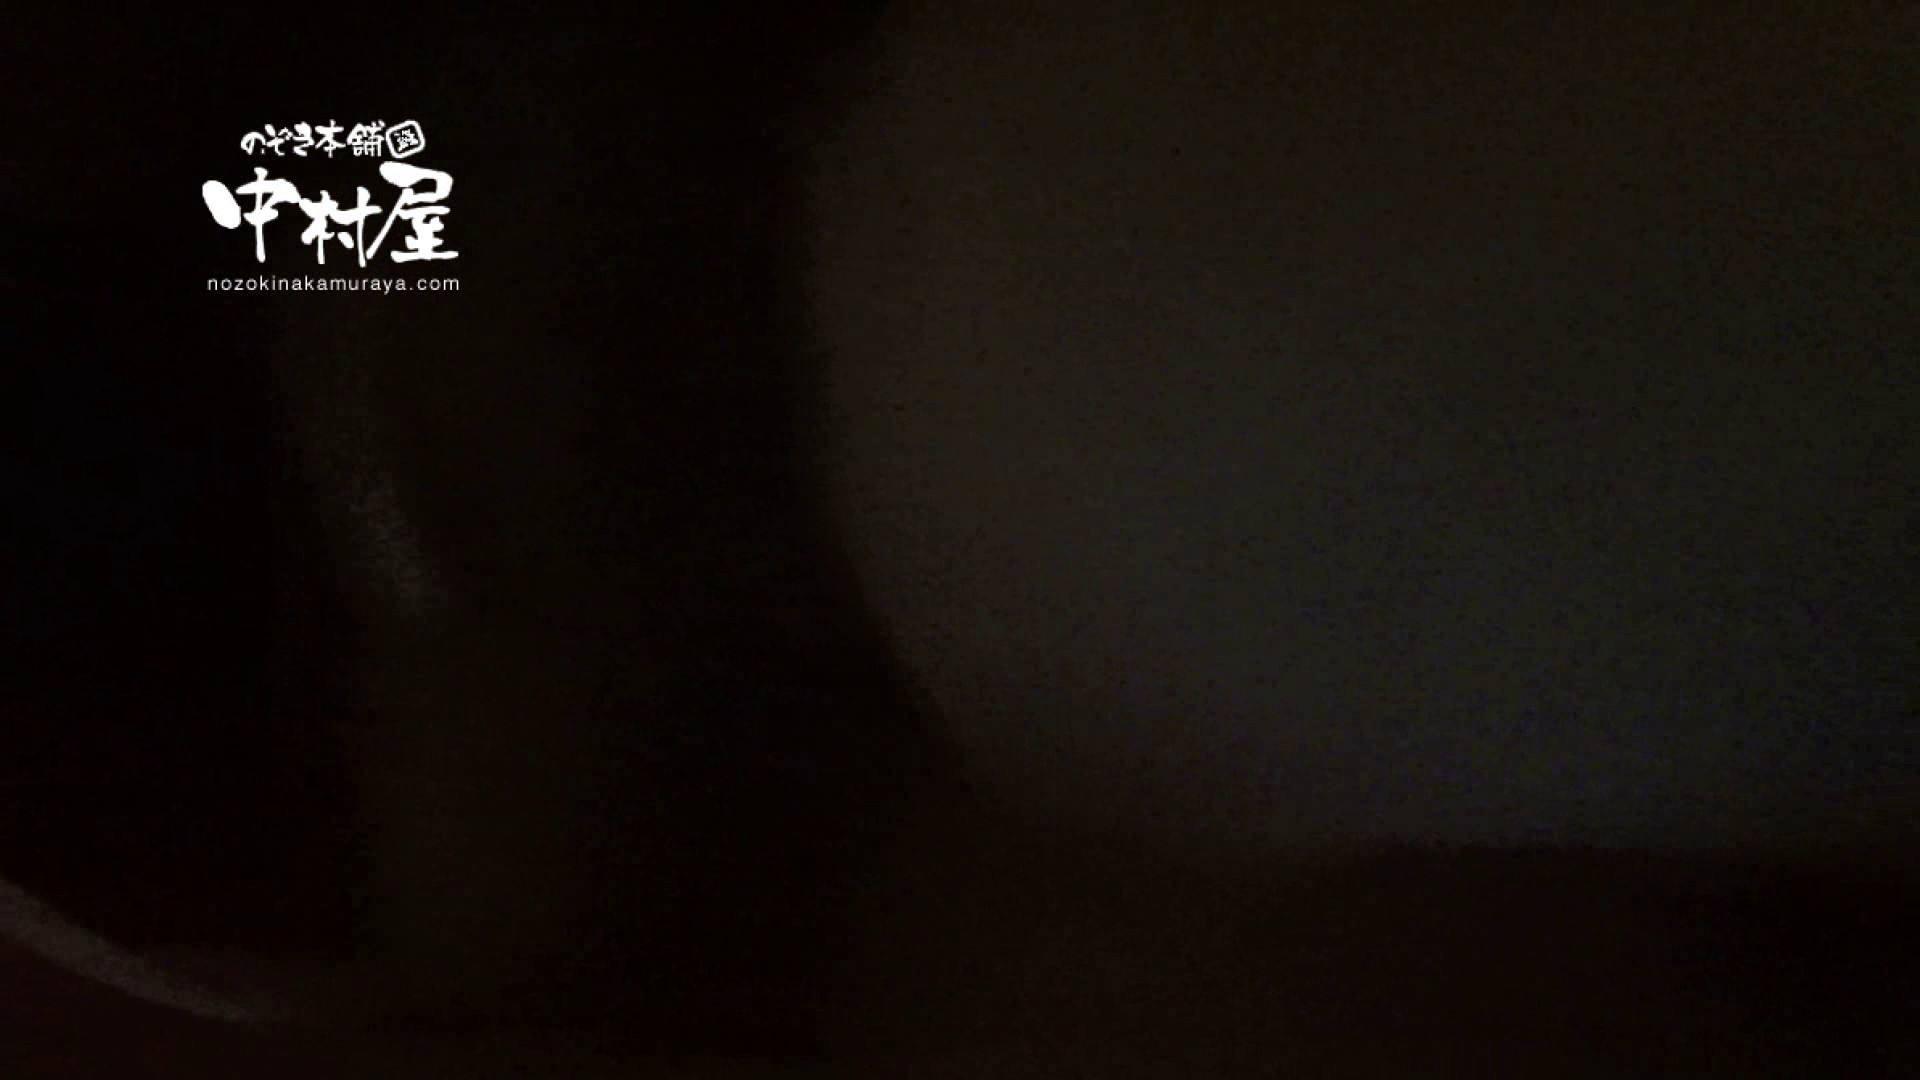 鬼畜 vol.08 極悪!妊娠覚悟の中出し! 後編 エロティックなOL SEX無修正画像 66画像 2